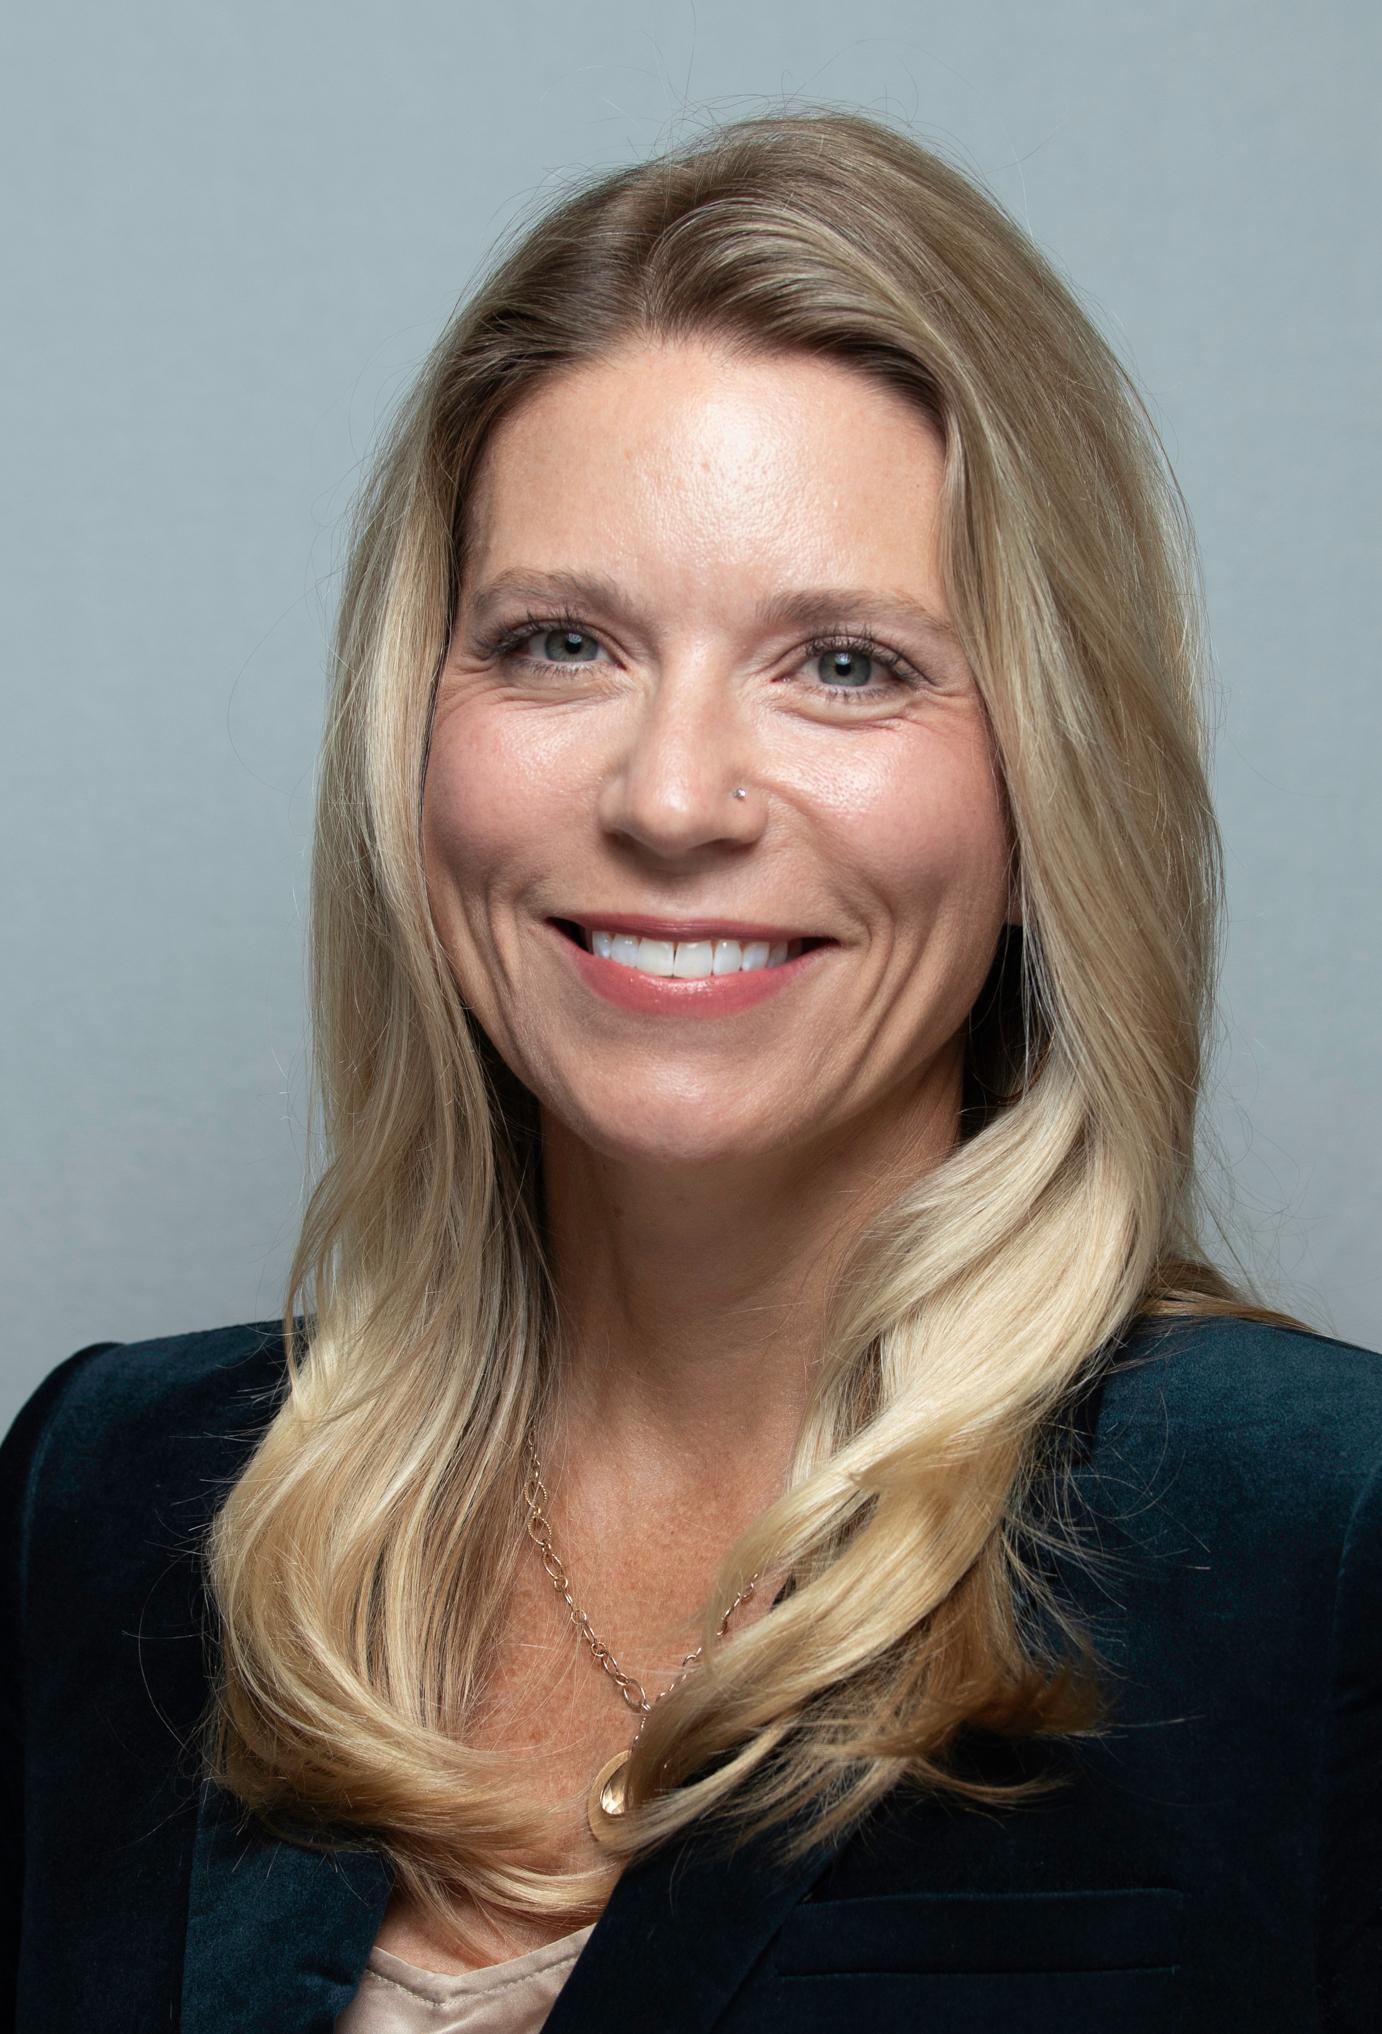 Leslie Beyer